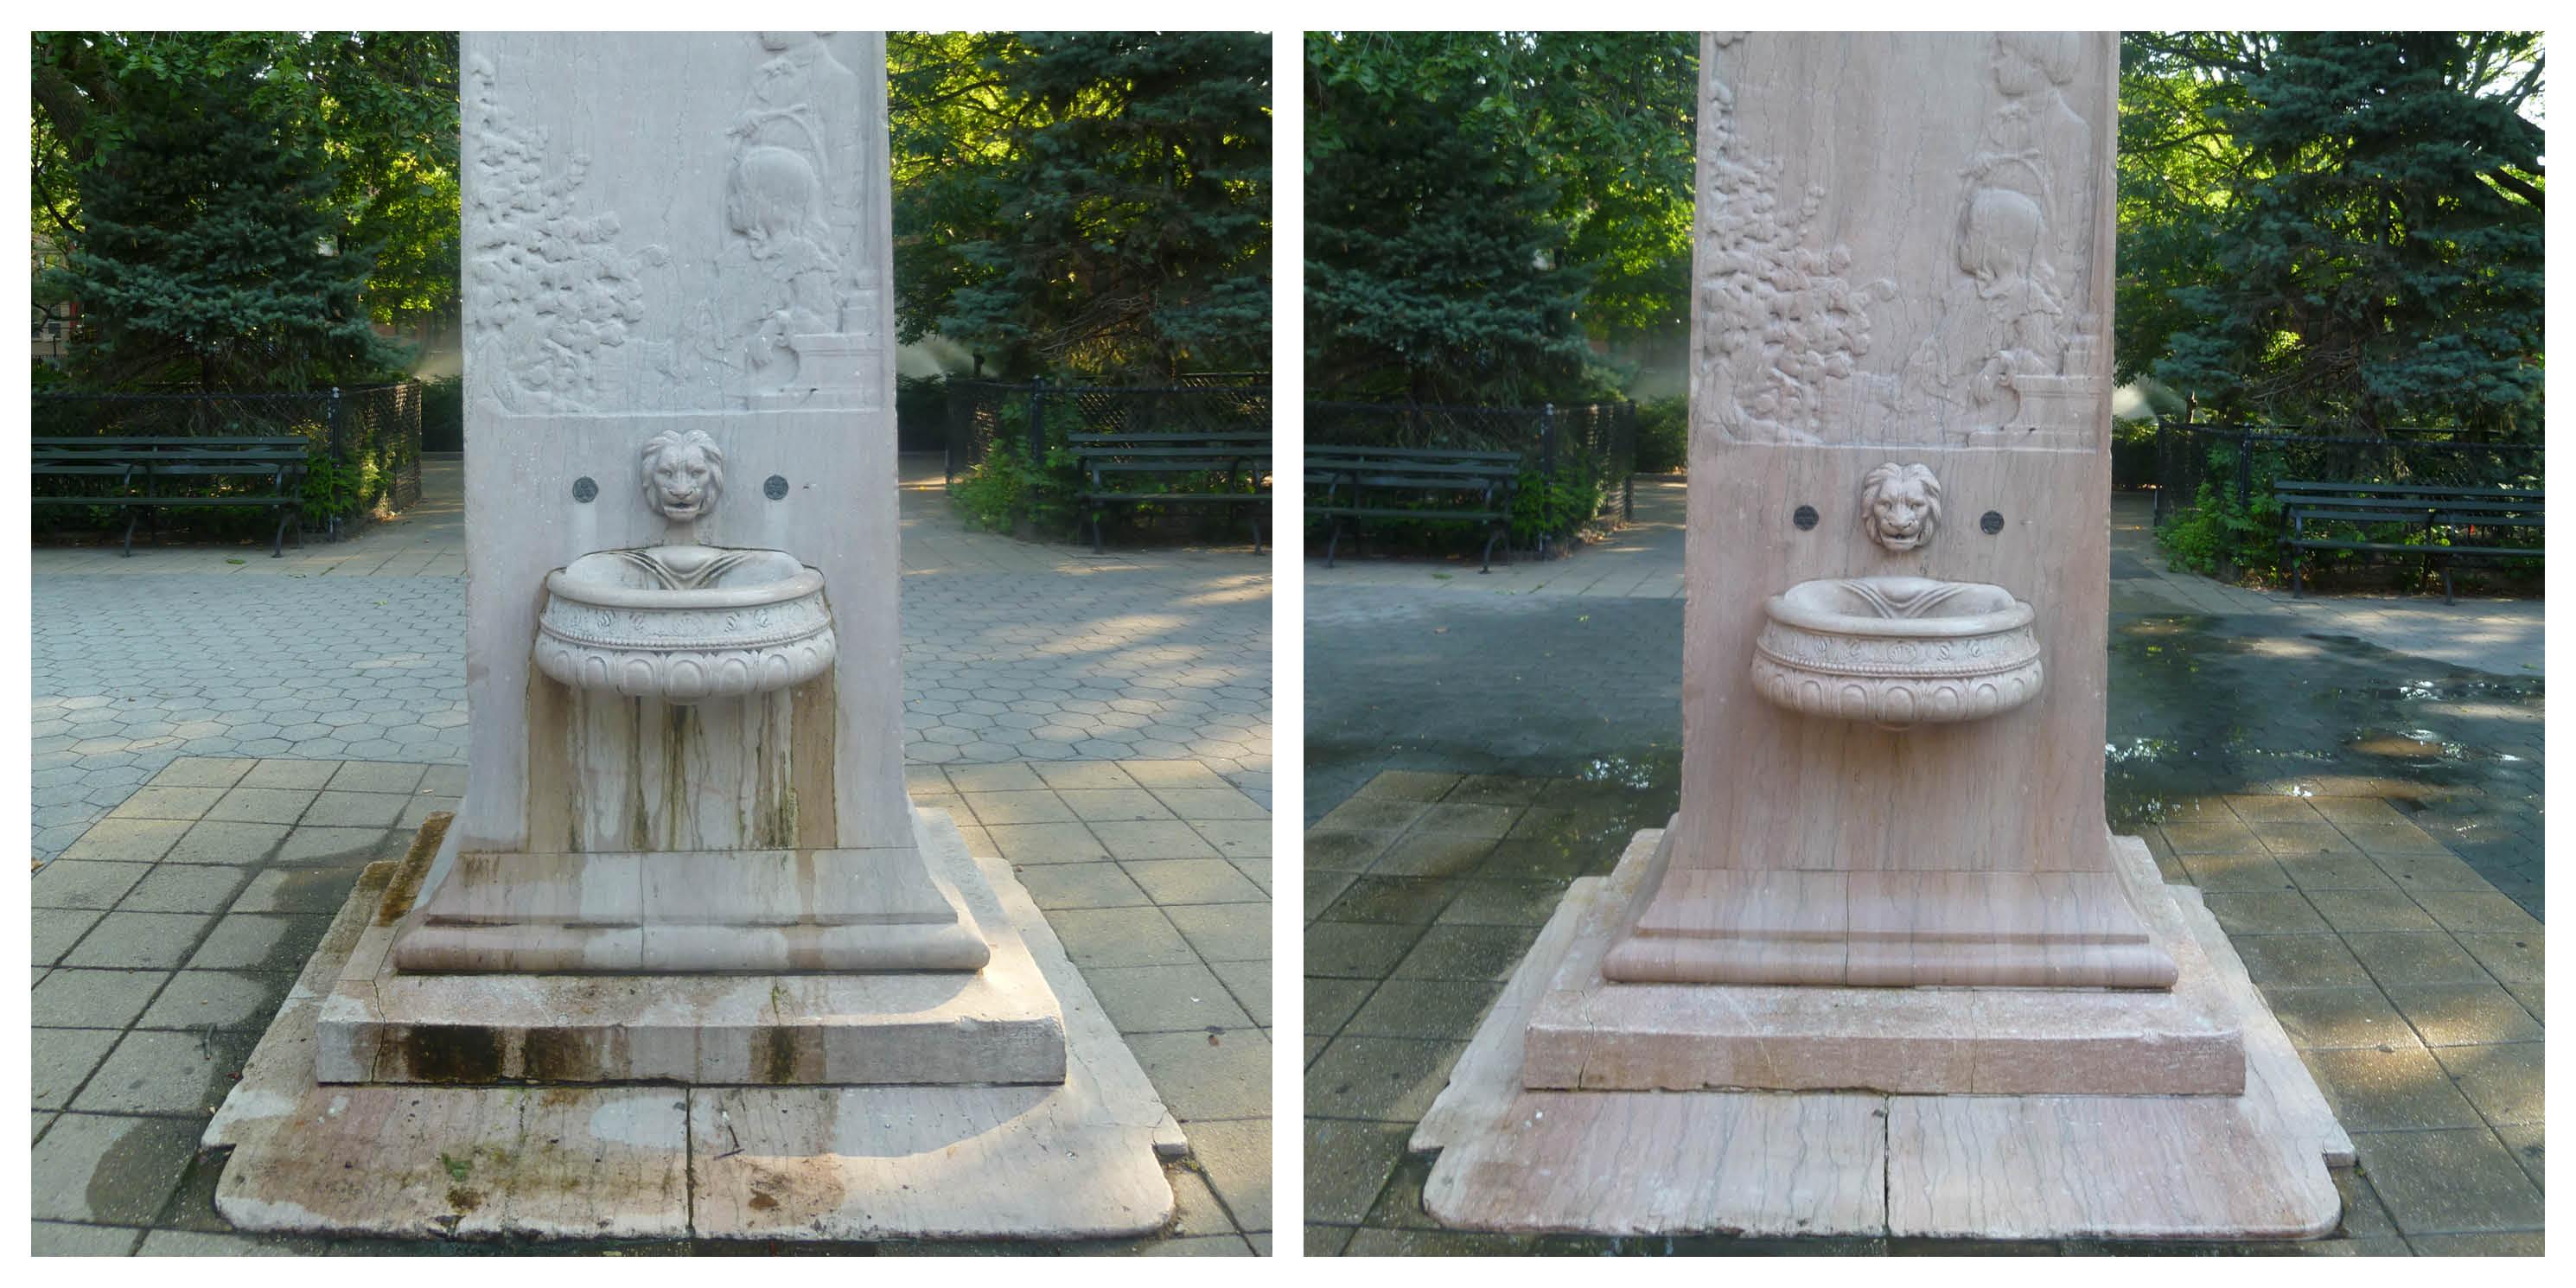 Slocum Fountain in Manhattan's Tompkins Square Park